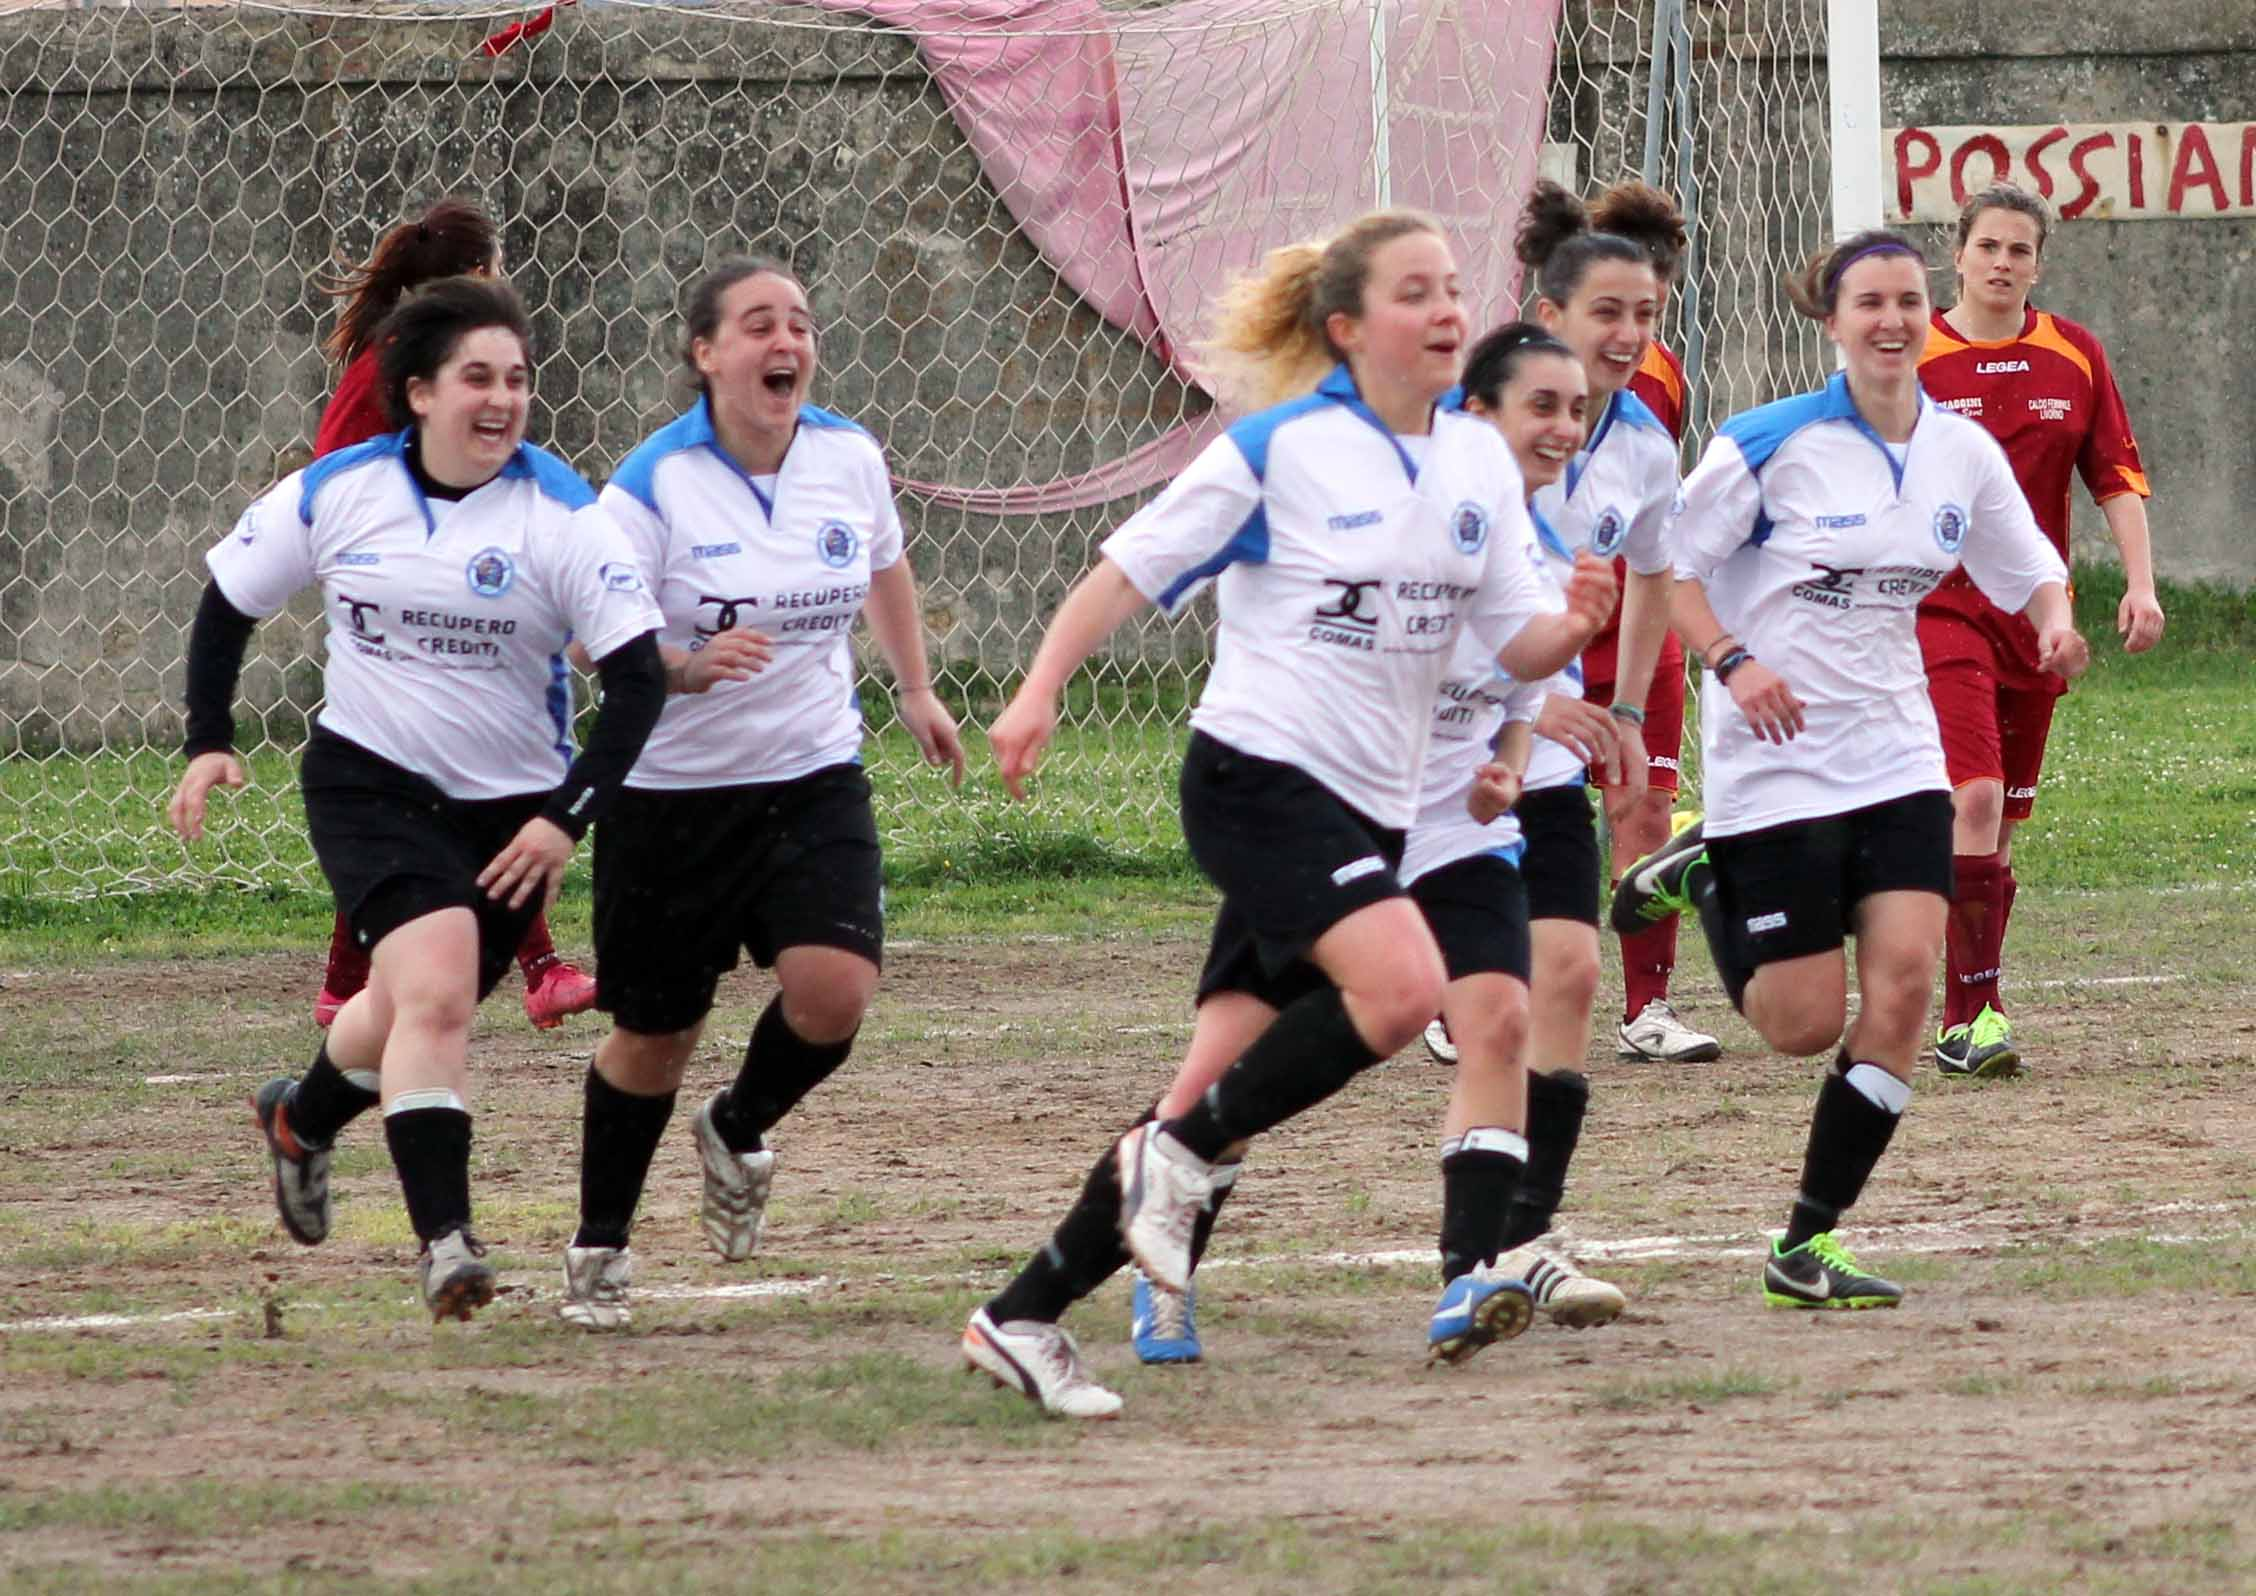 Photo of AREZZO – Calcio Femminile, la Stella Azzurra batte 2-0 vs. Virtus Romagna